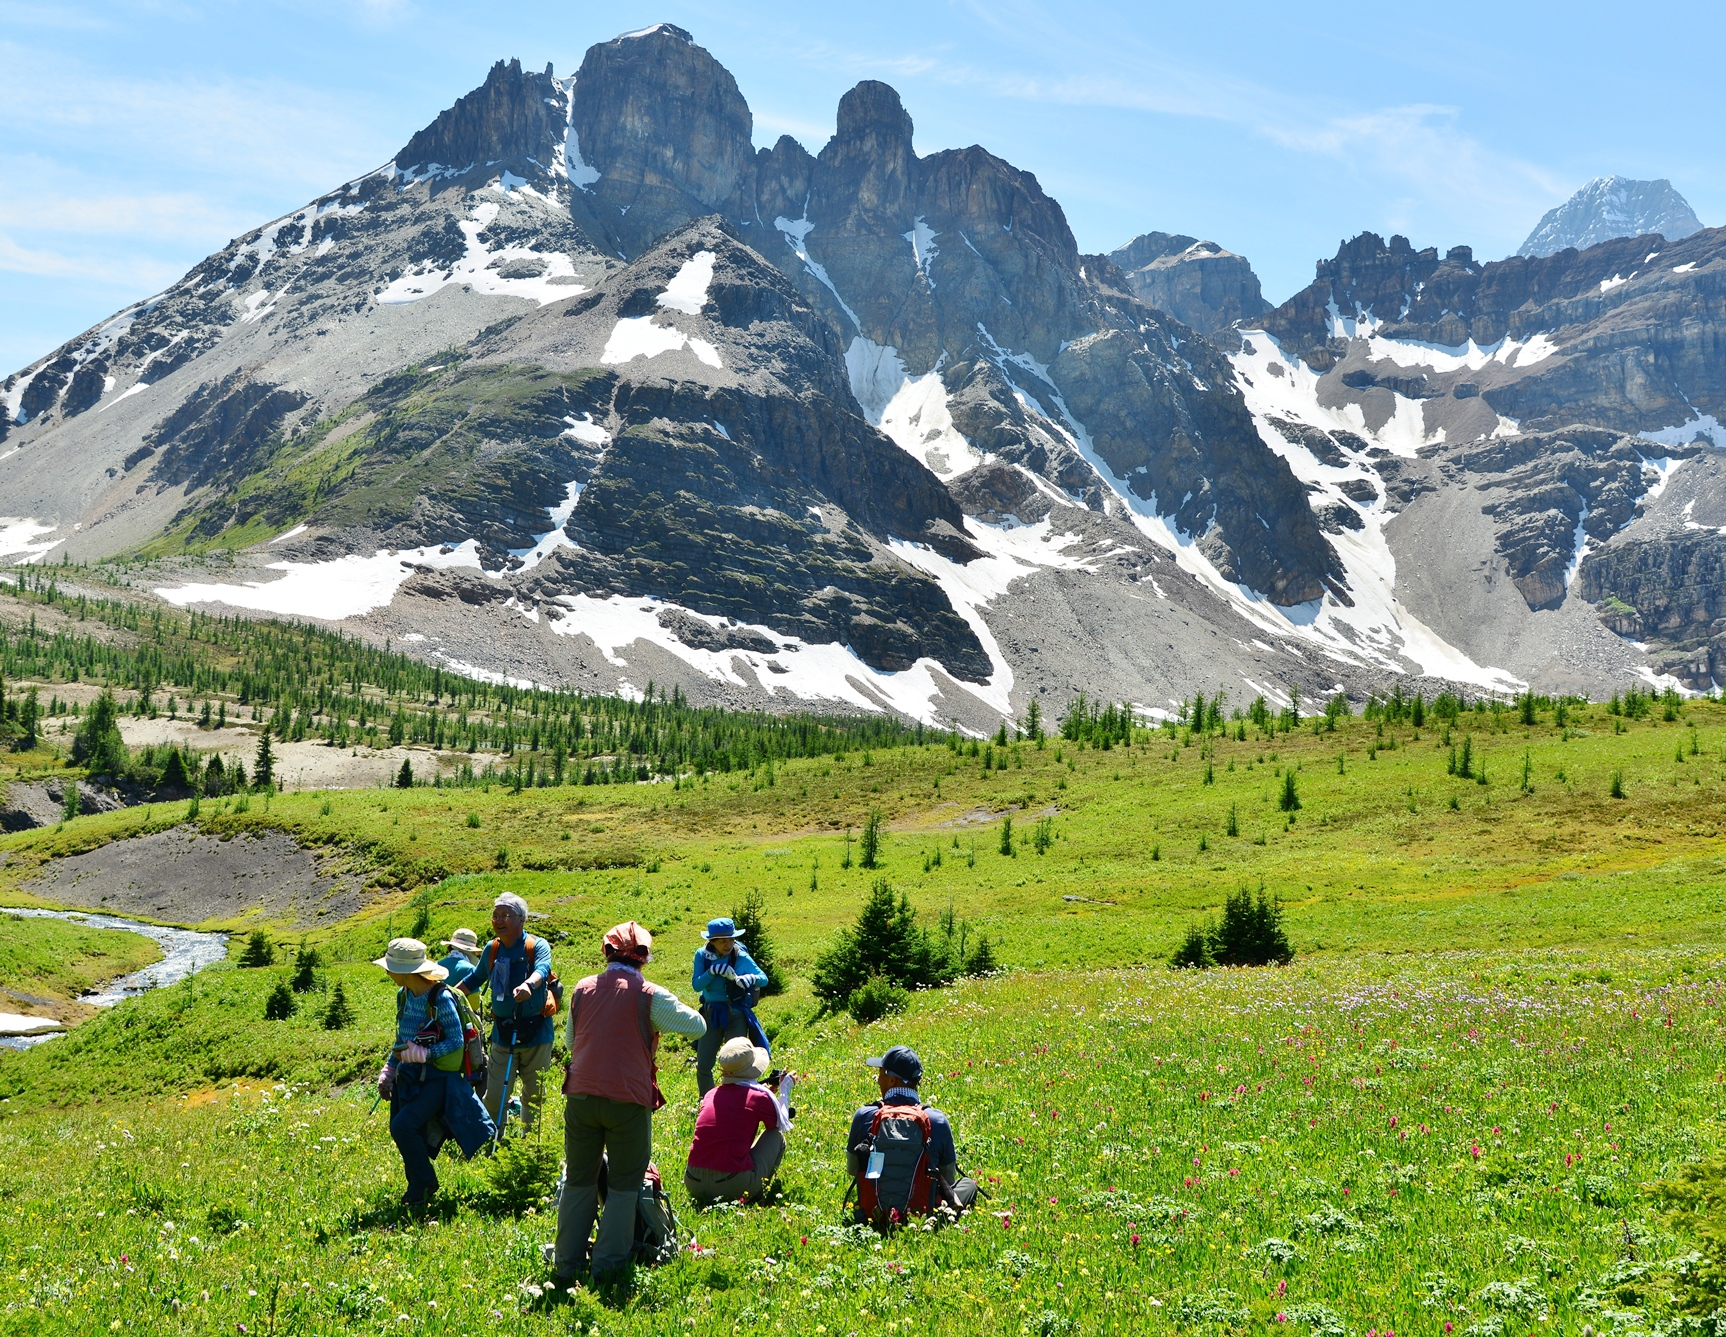 雄大な景観がハイキングの疲れを癒やしてくれる